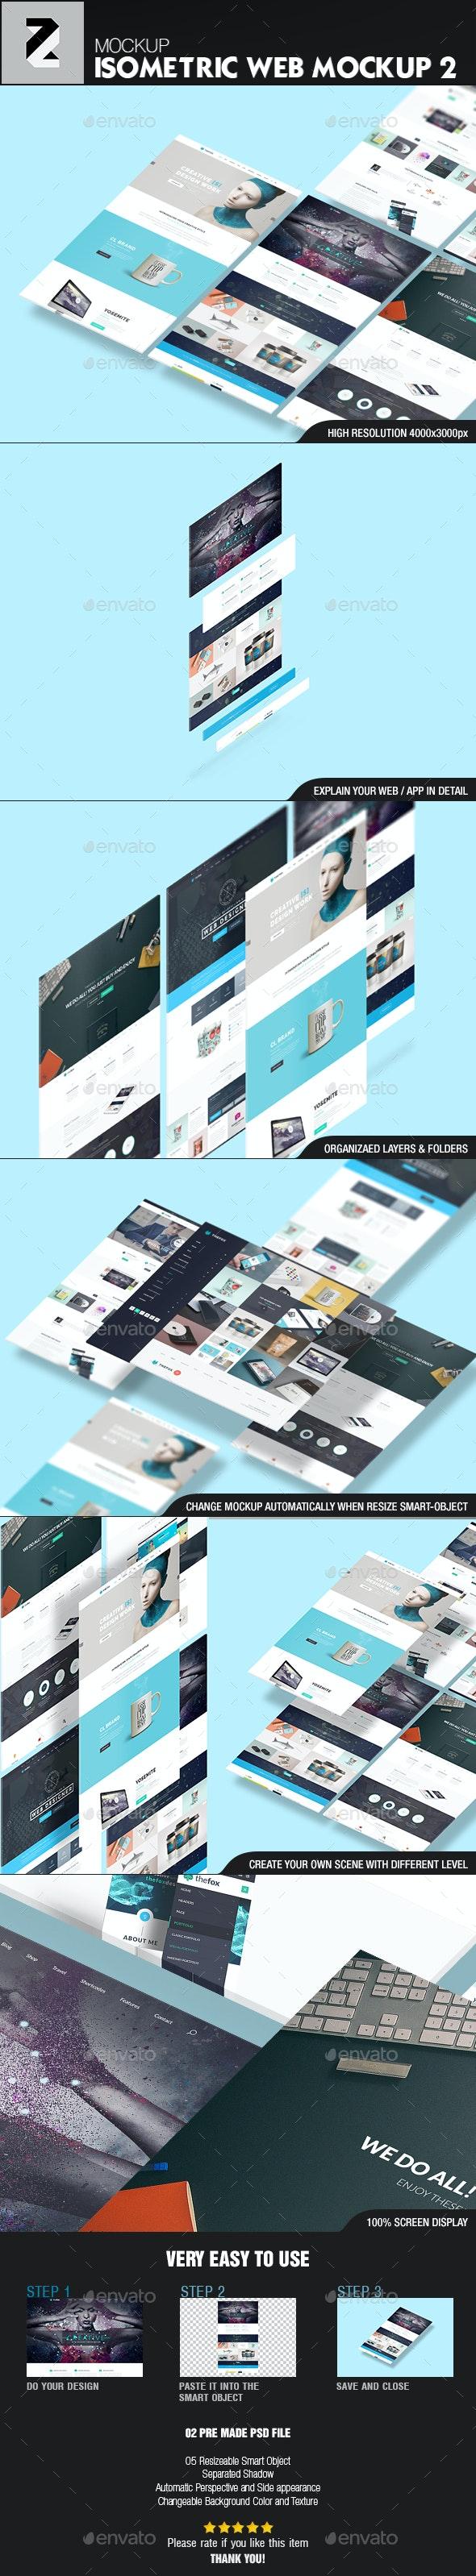 Isometric Web n App Mockup 2 - Website Displays